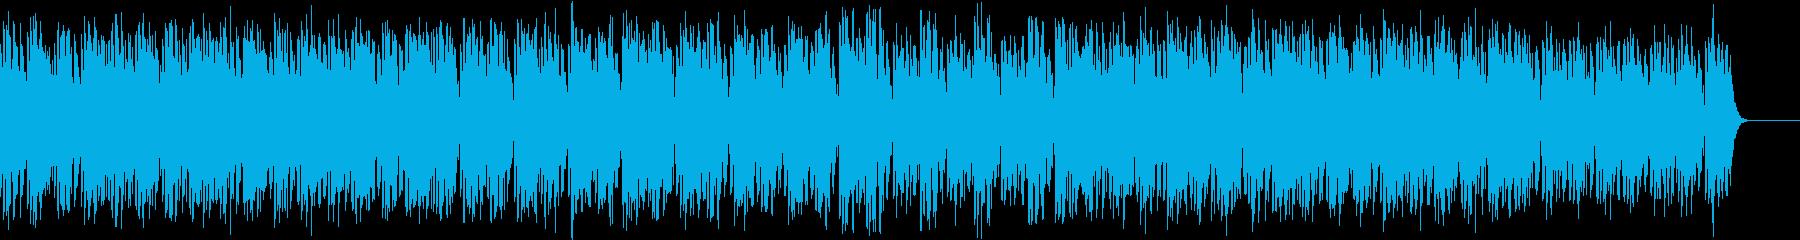 80s レトロ ドライブ 疾走感 シンセの再生済みの波形